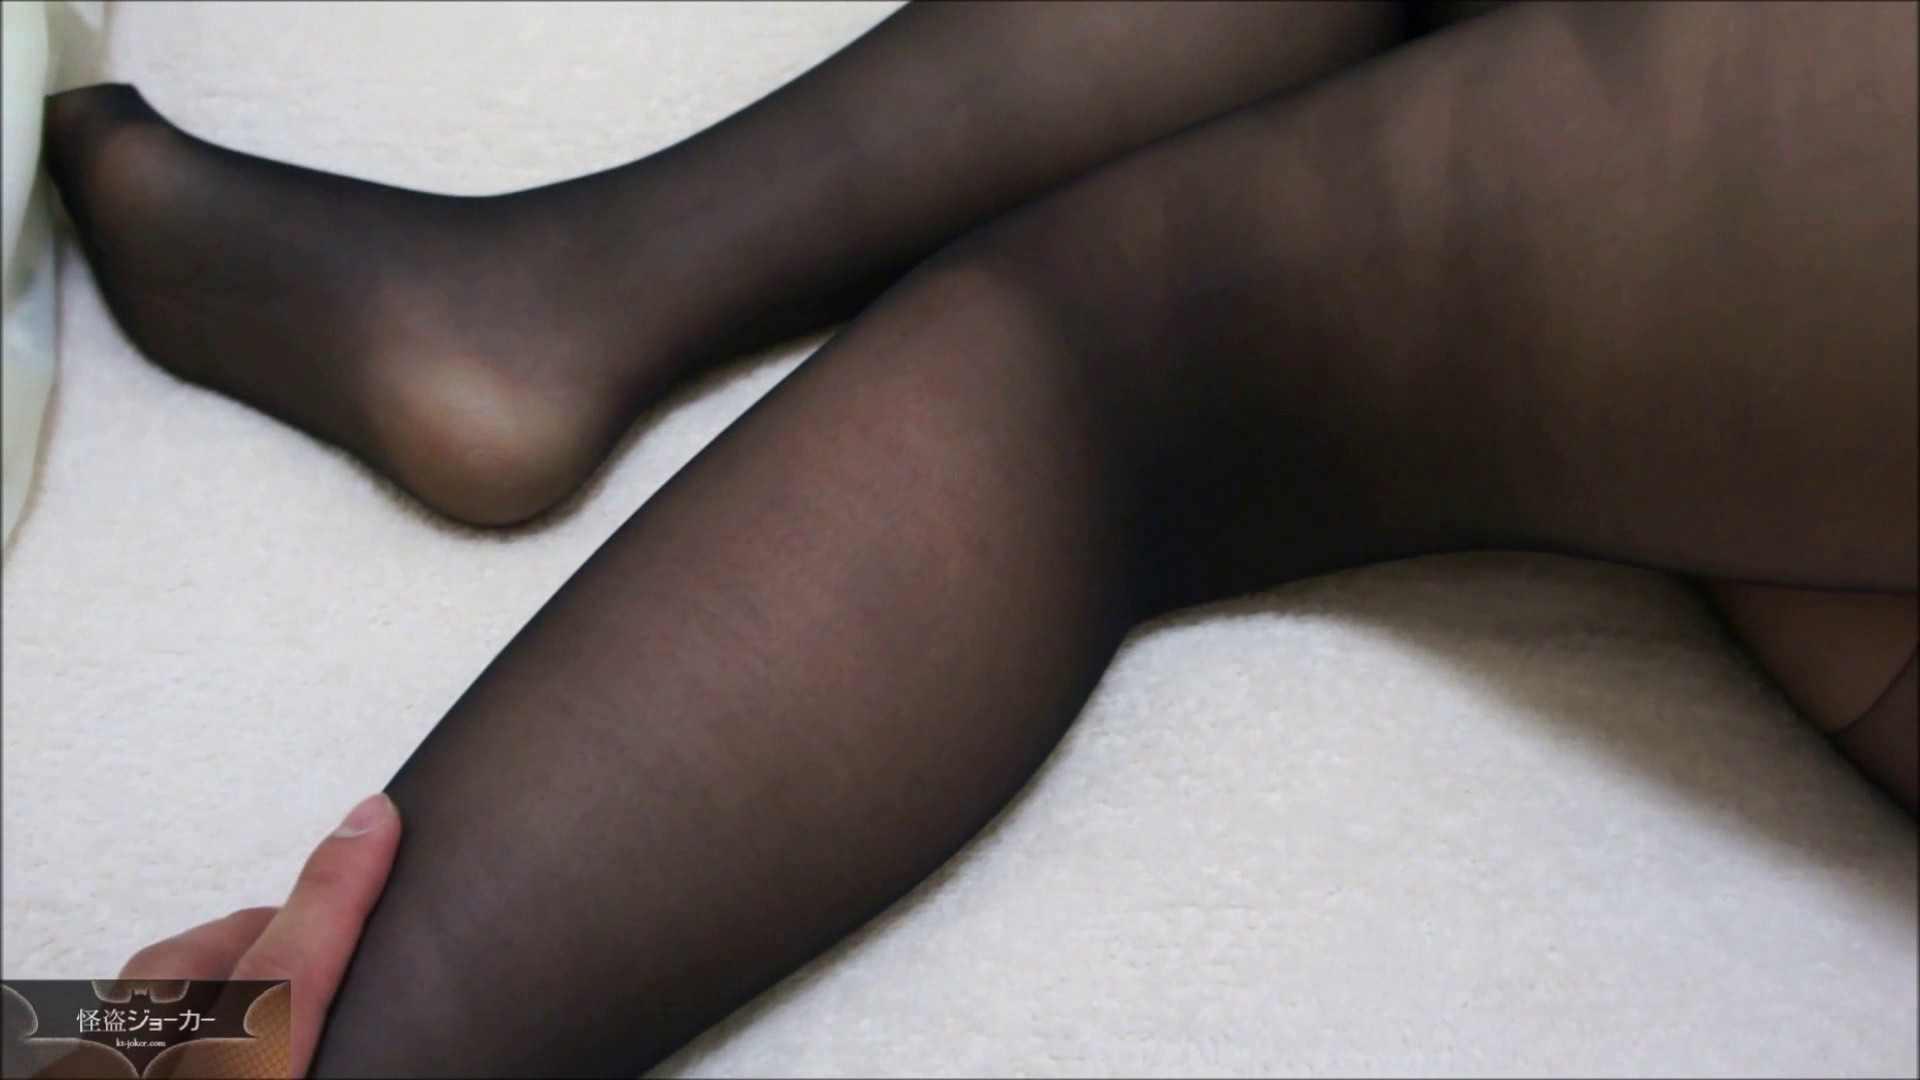 【未公開】vol.2 妻の友人、美里さん・・・晩酌の後、人妻の体を。 いじくり  80PIX 19